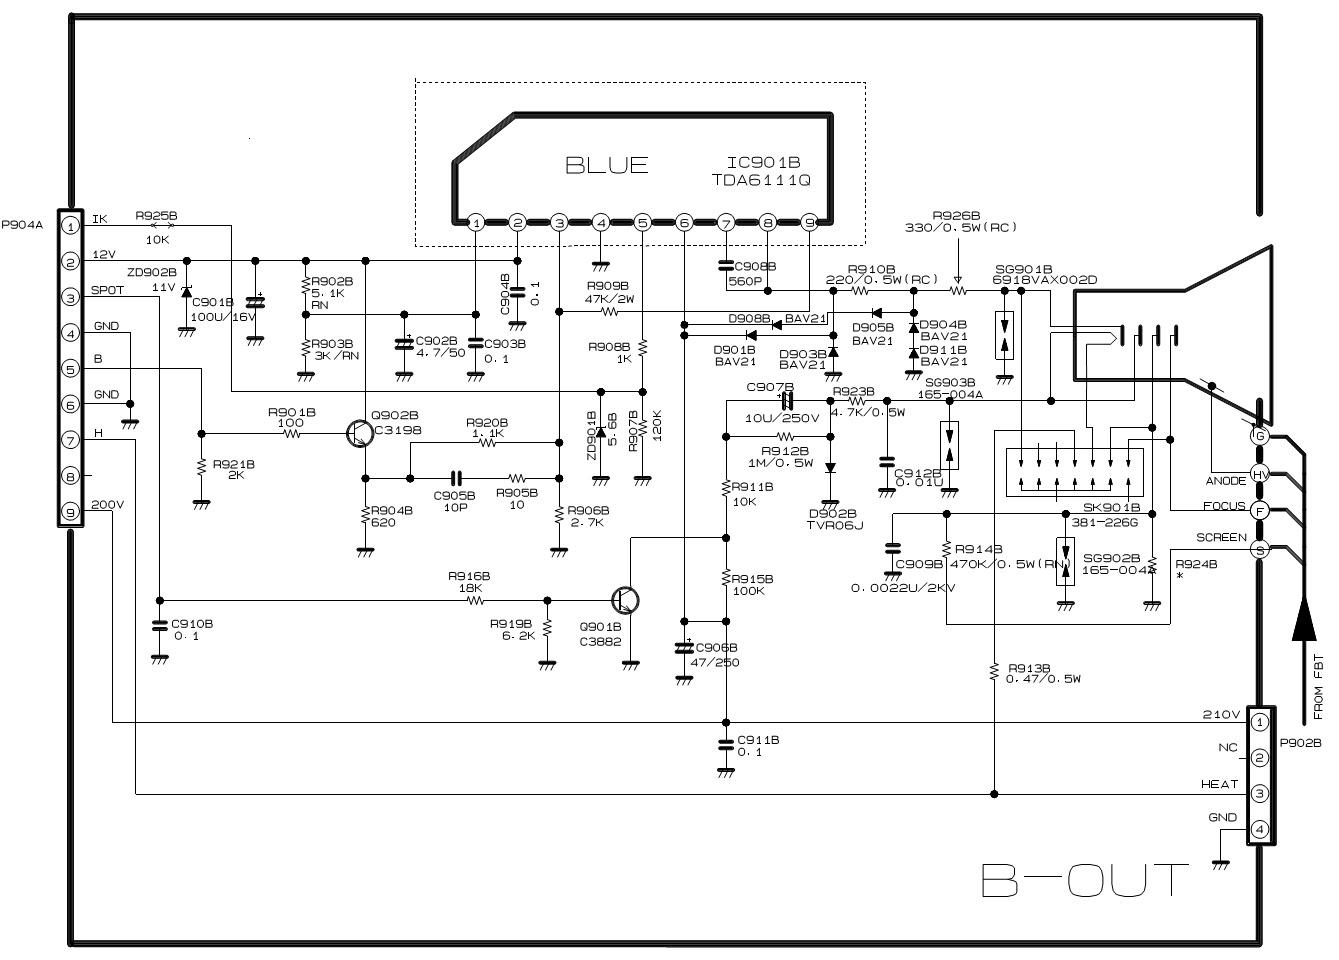 RPTV LG RE39NZ43 LG RL39NZ43 Convergence R G B